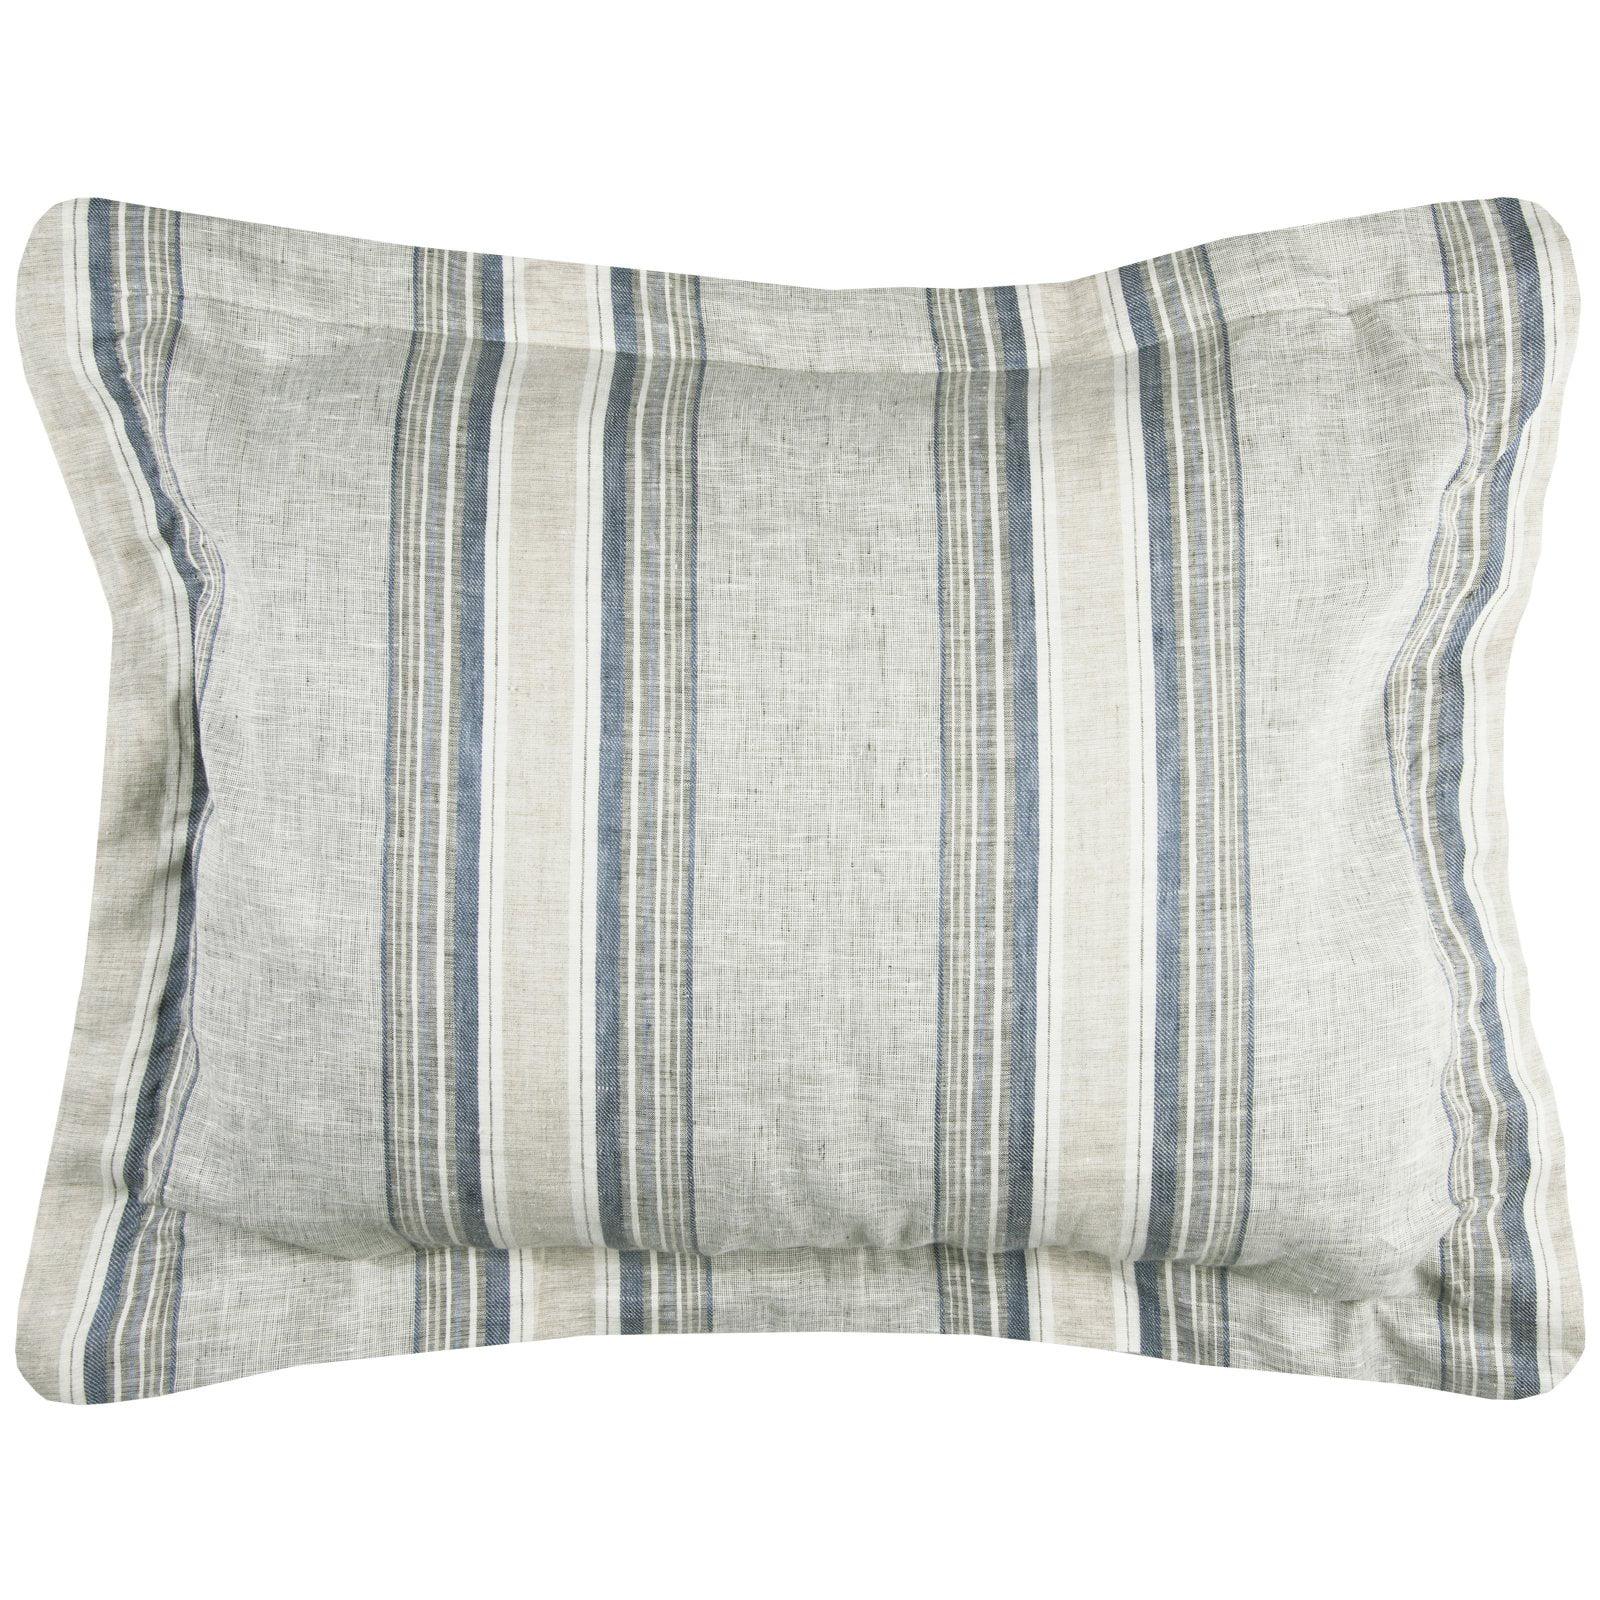 """Rizzy Home Prescott Preserve Blue Linen Bedding Sham 20"""" x 26"""""""